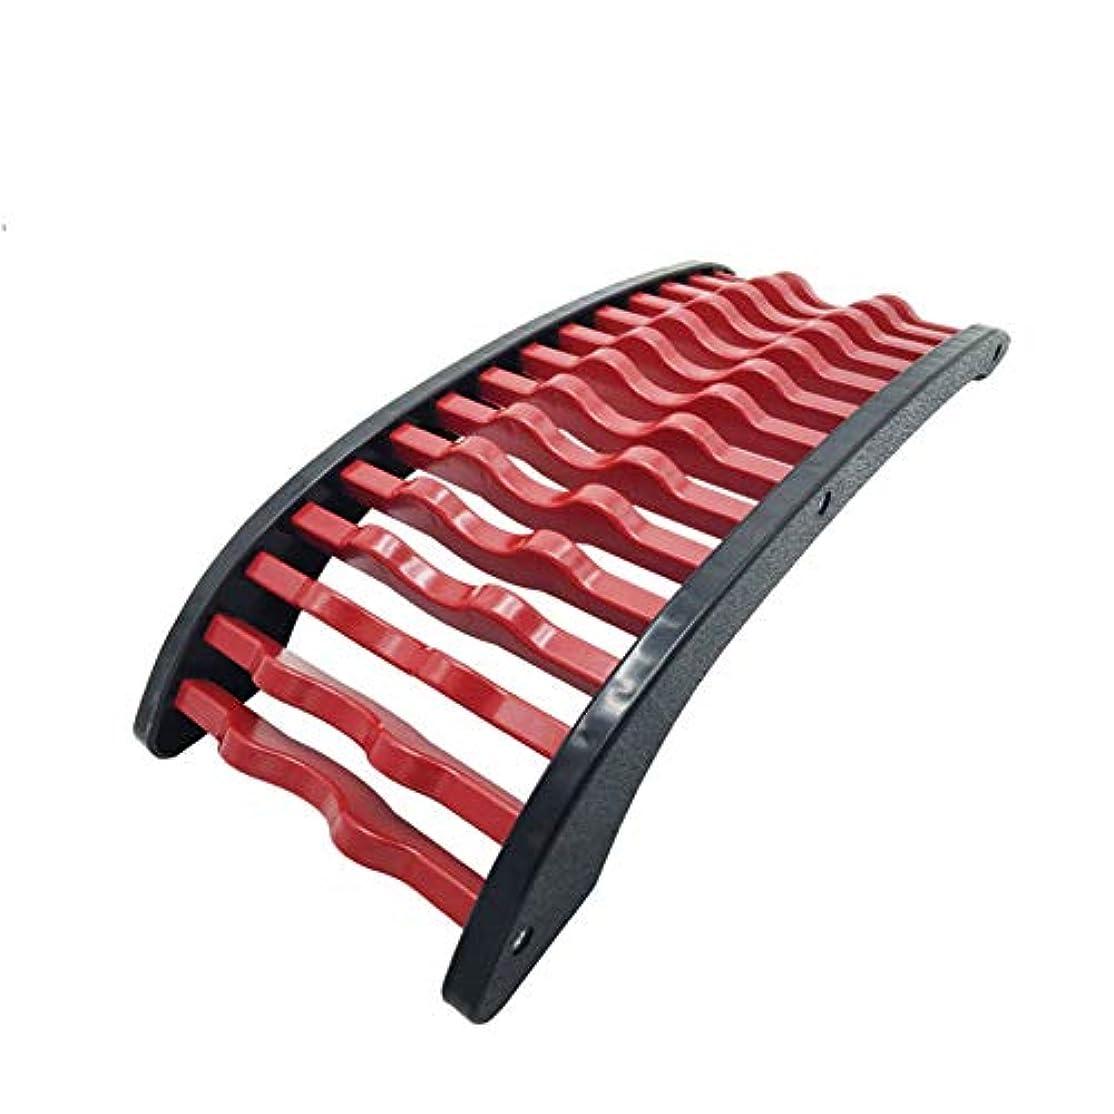 腰椎矯正 弧状 引っ張り背筋が伸び マッサージ器 なだめるような ハンプバックランバーディスク家庭用